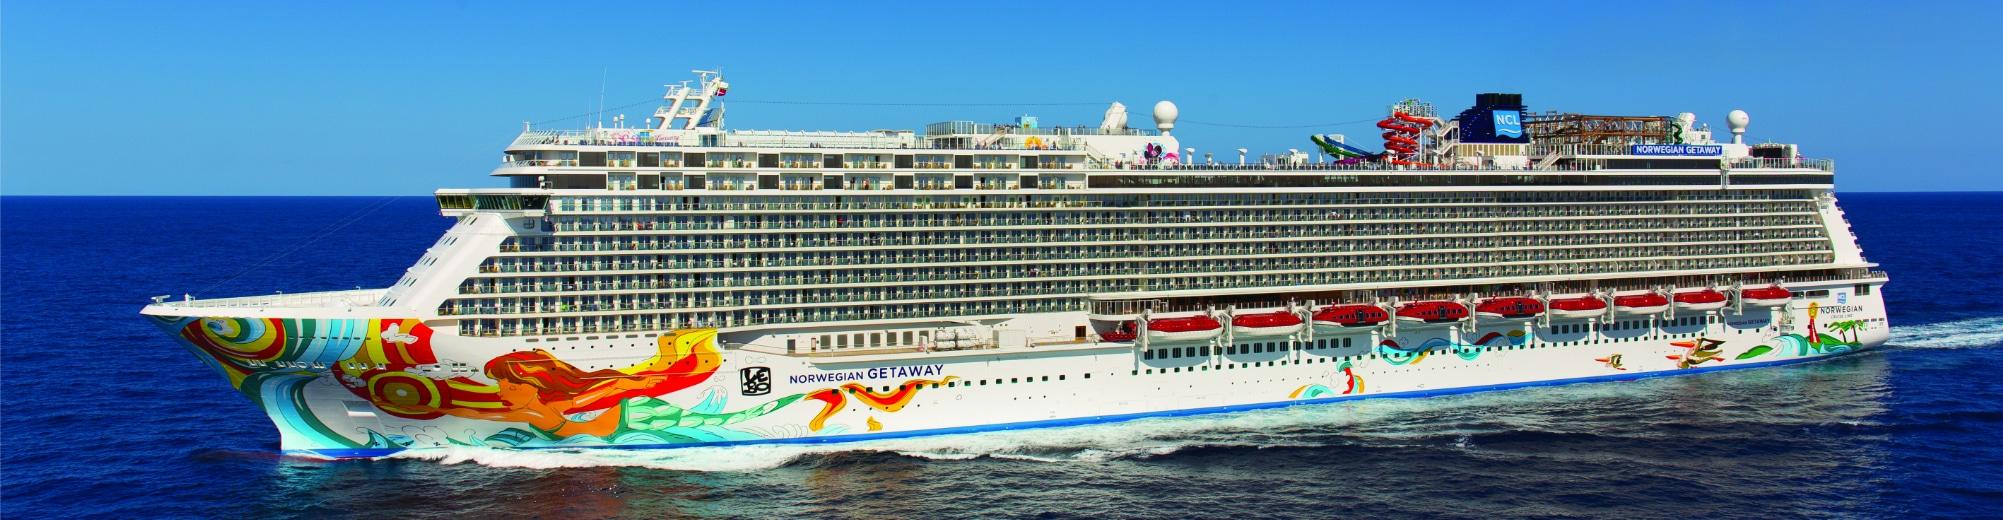 Norwegian-Cruise-Line-Norwegian-Getaway